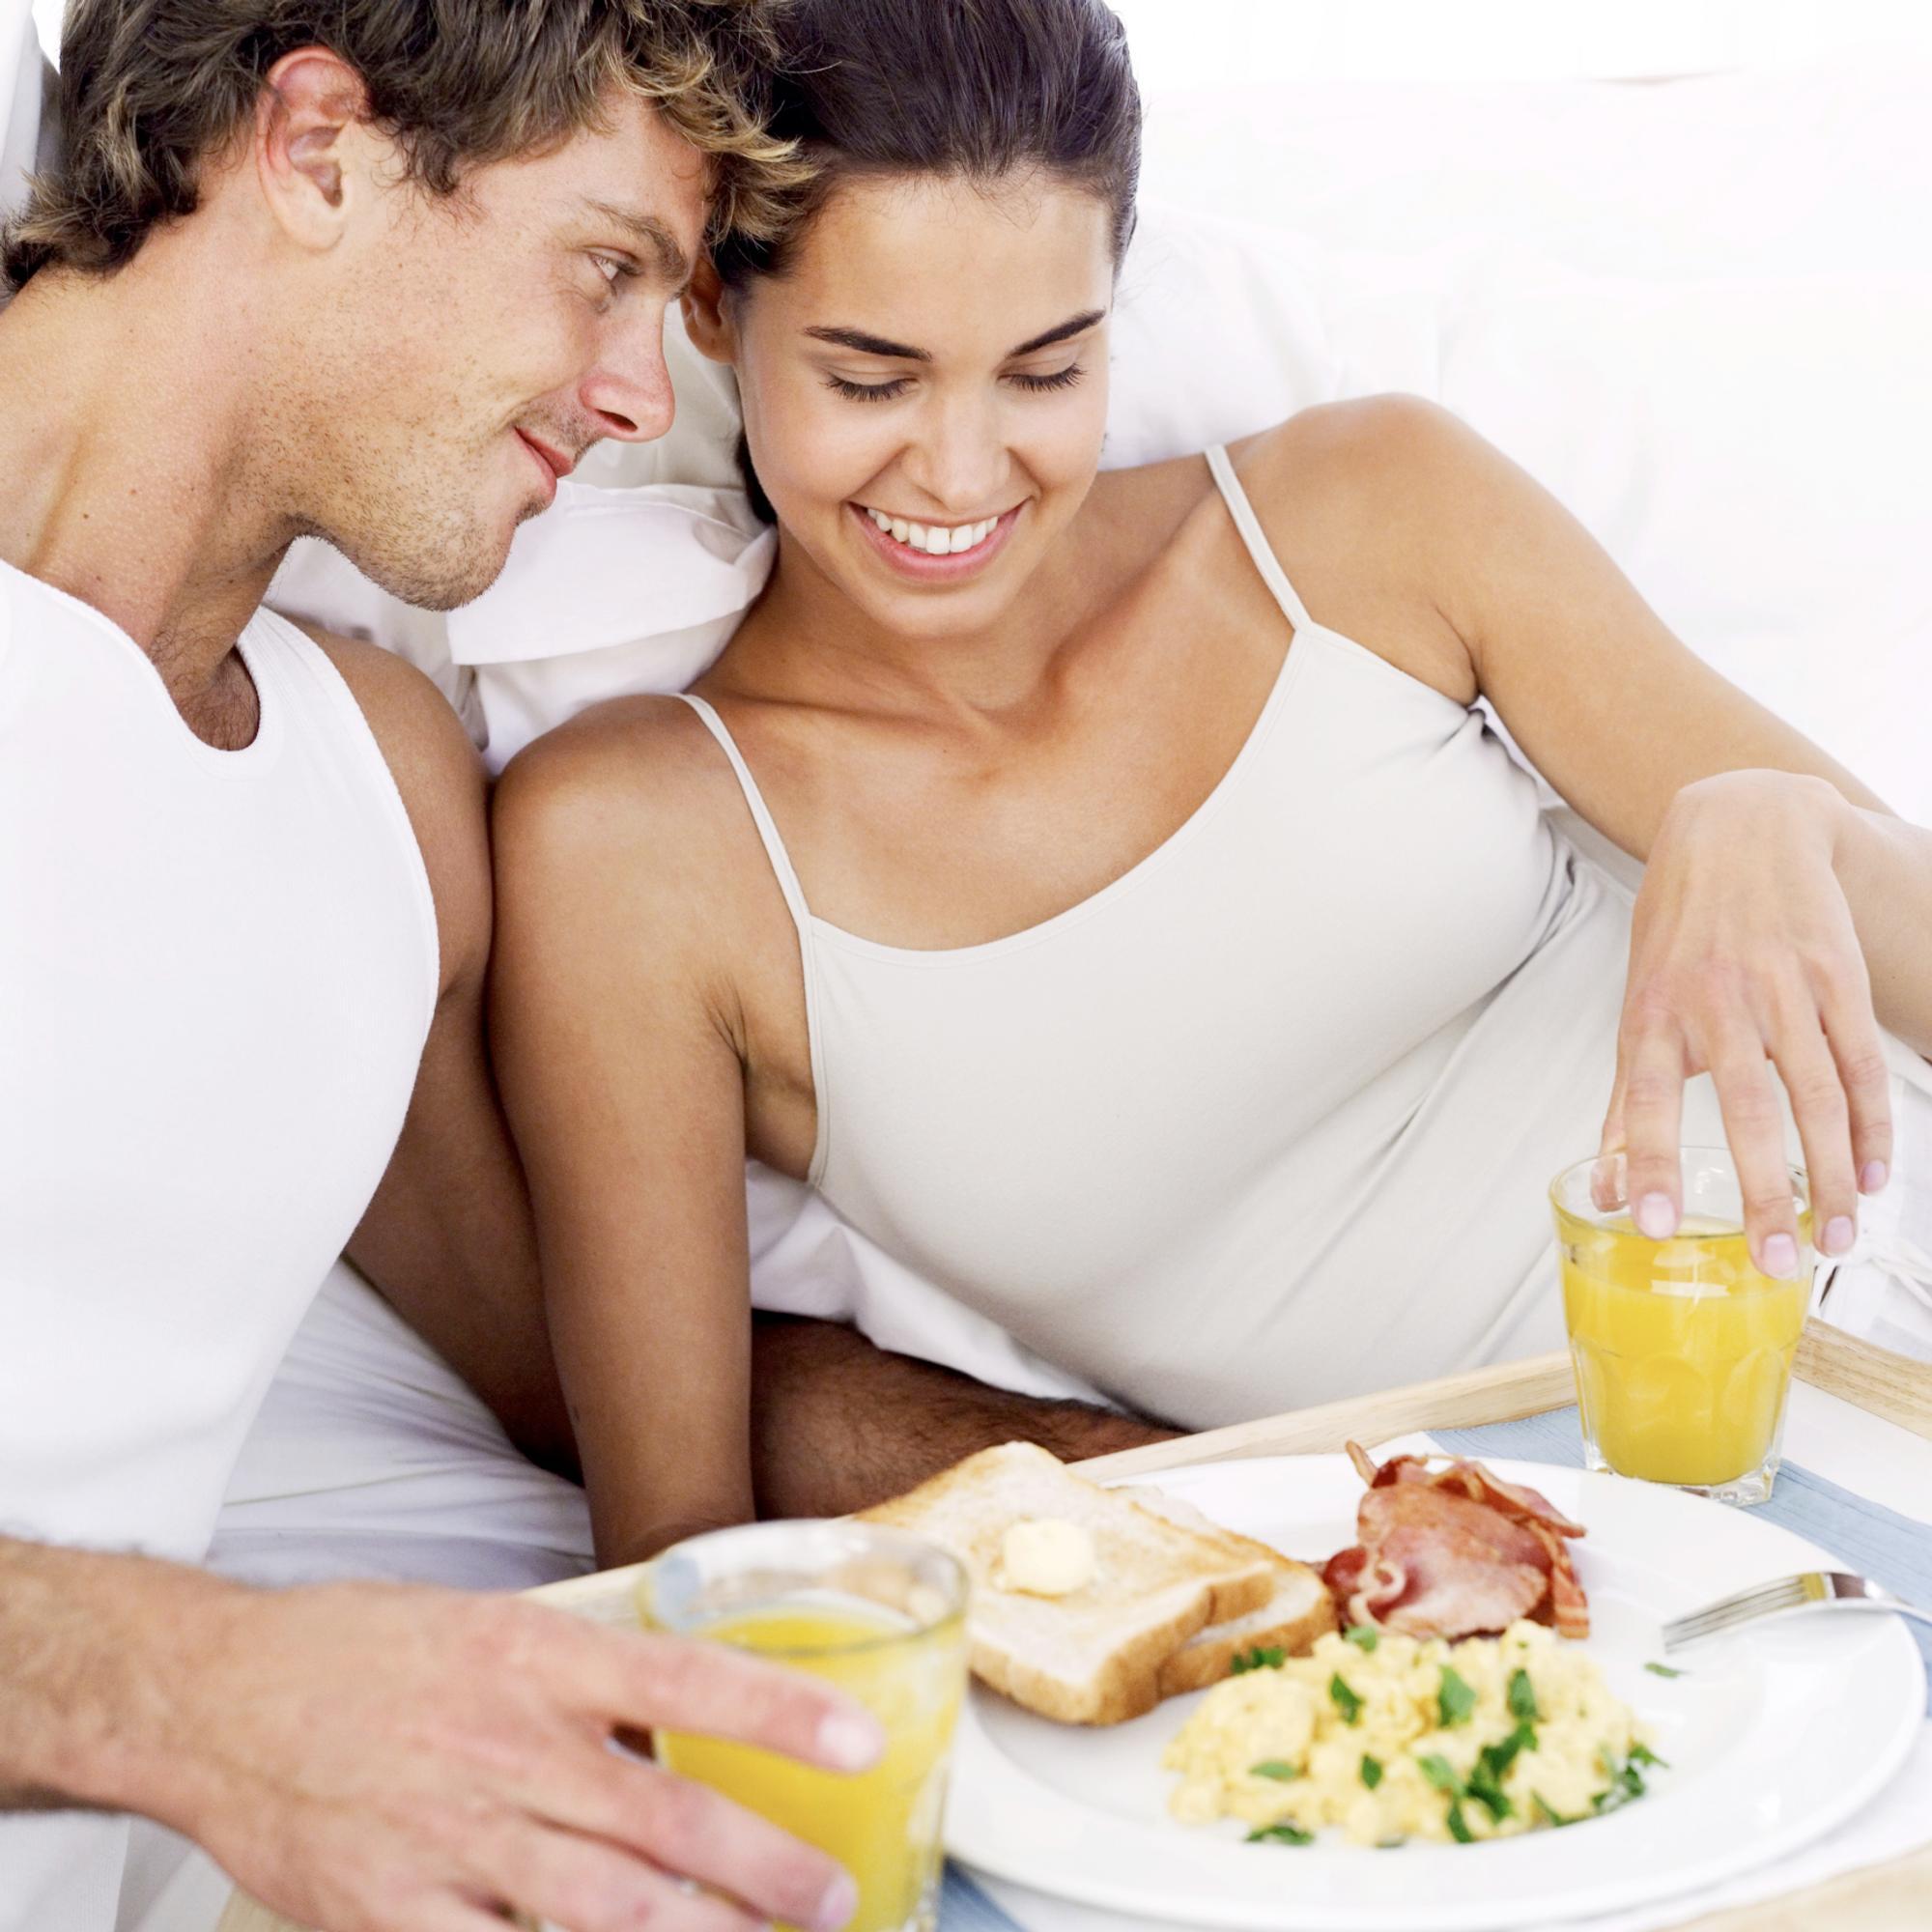 Vanhemmat naiset etsivät sokerin muumio dating sivusto tarjoaa ilmaiseksi dating sivustoja.